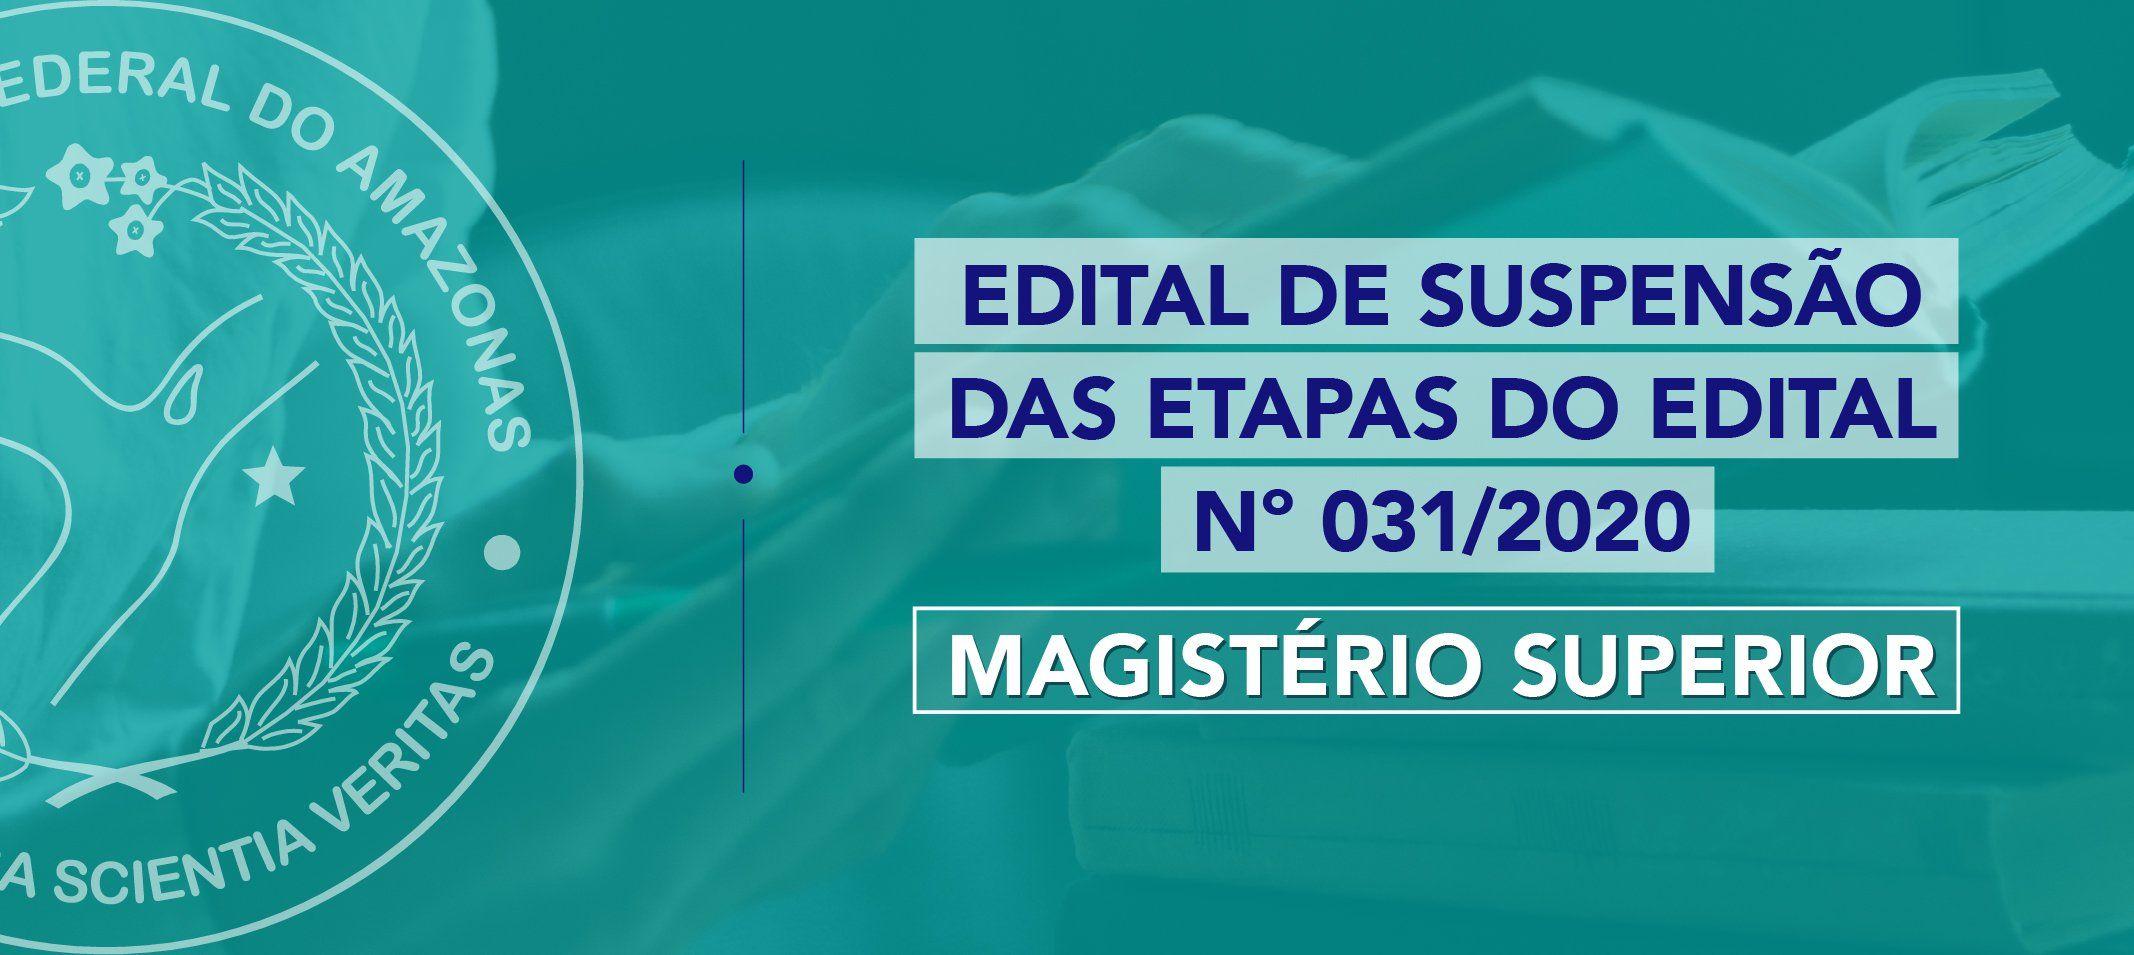 Progesp divulga suspensão das etapas do edital nº 031/2020 para Magistério Superior